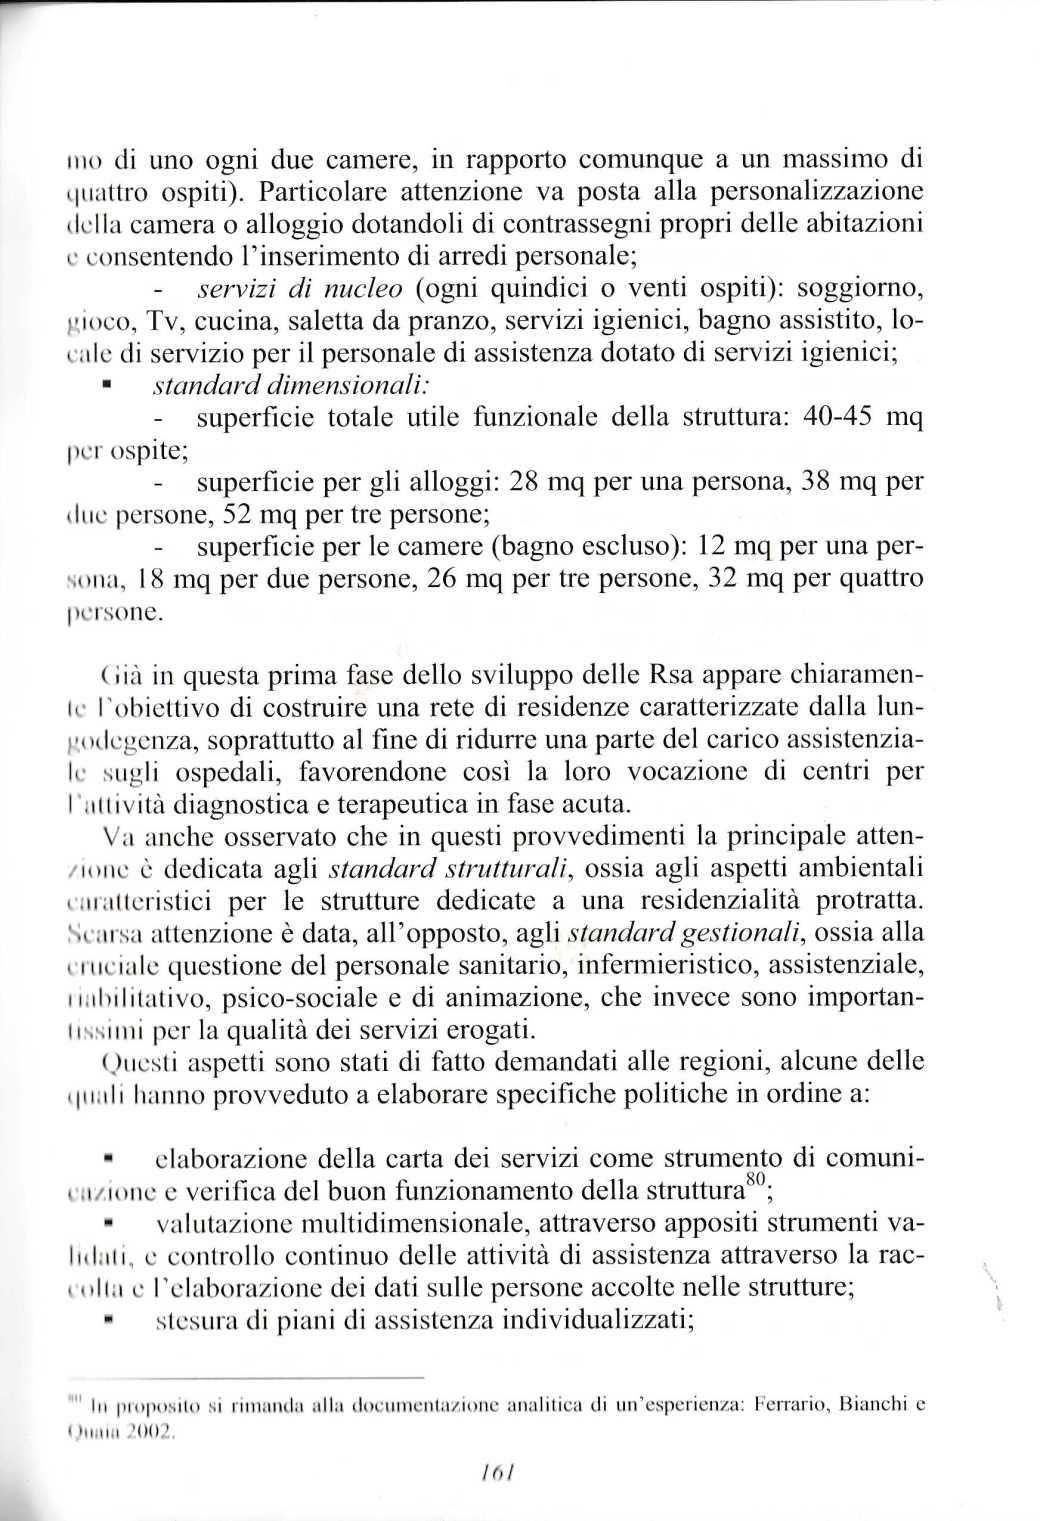 anziani politiche servizi 2005 ferrario paolo1344